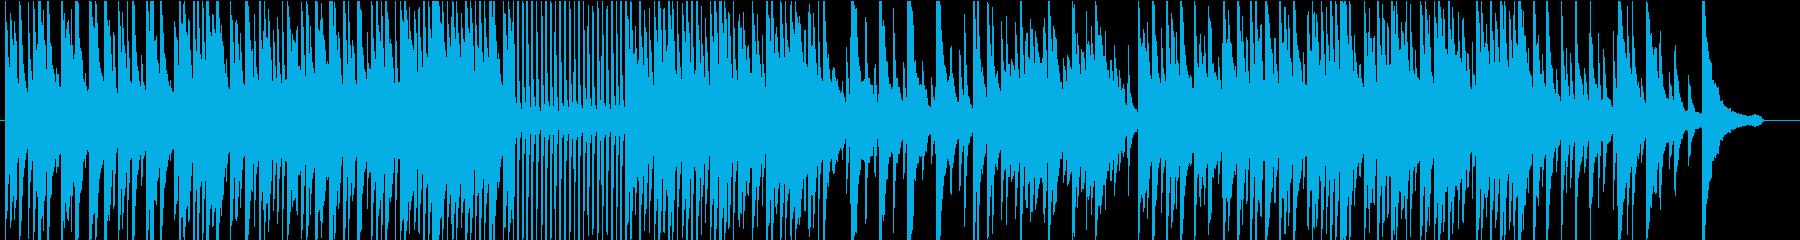 ビル・エヴァンス風なピアノインストの再生済みの波形